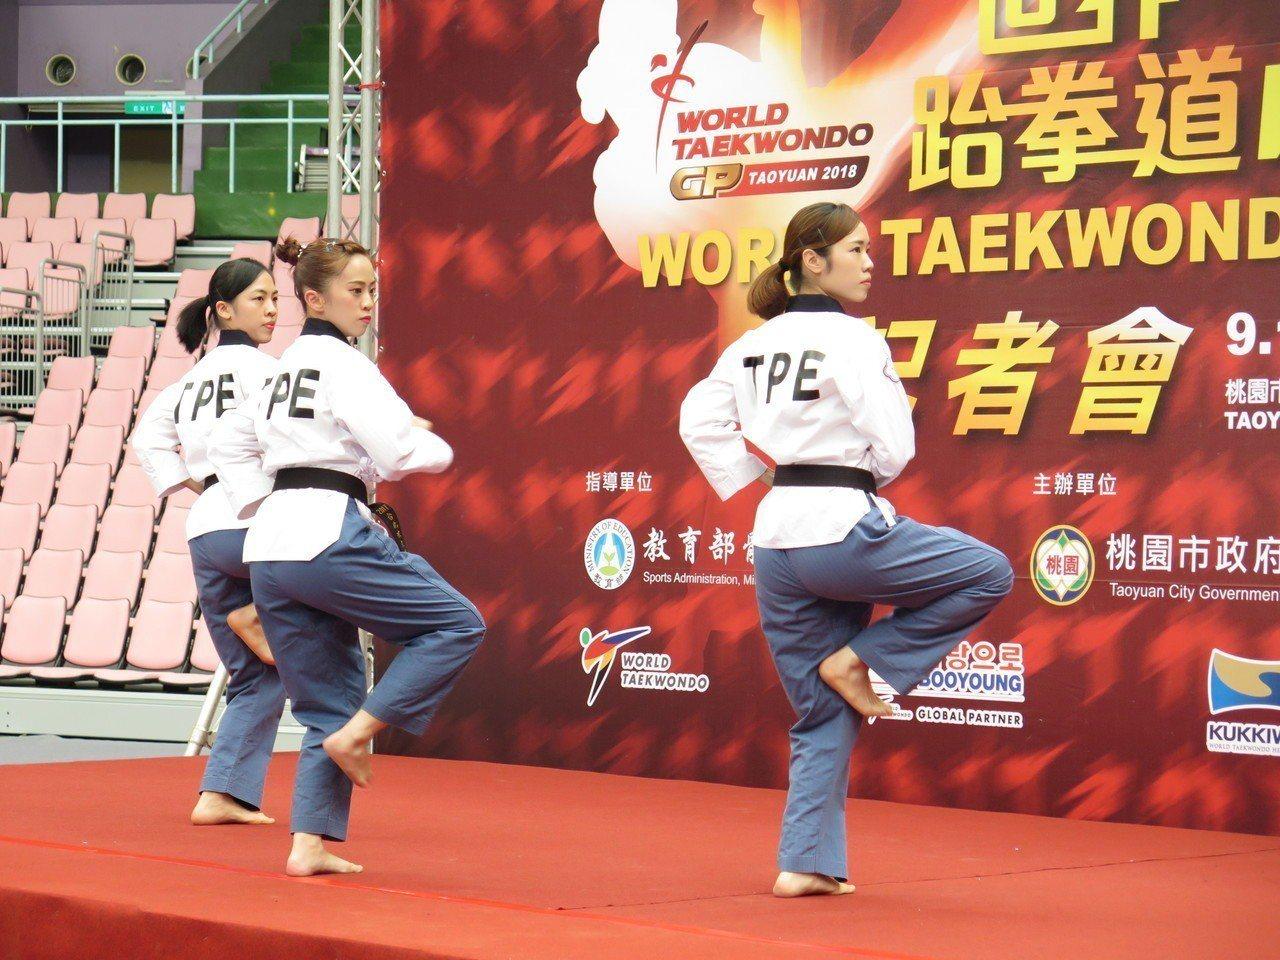 台灣首度舉辦世界跆拳道大獎賽,19日起一連3天在桃園巨蛋登場,今邀來亞運品勢女子...